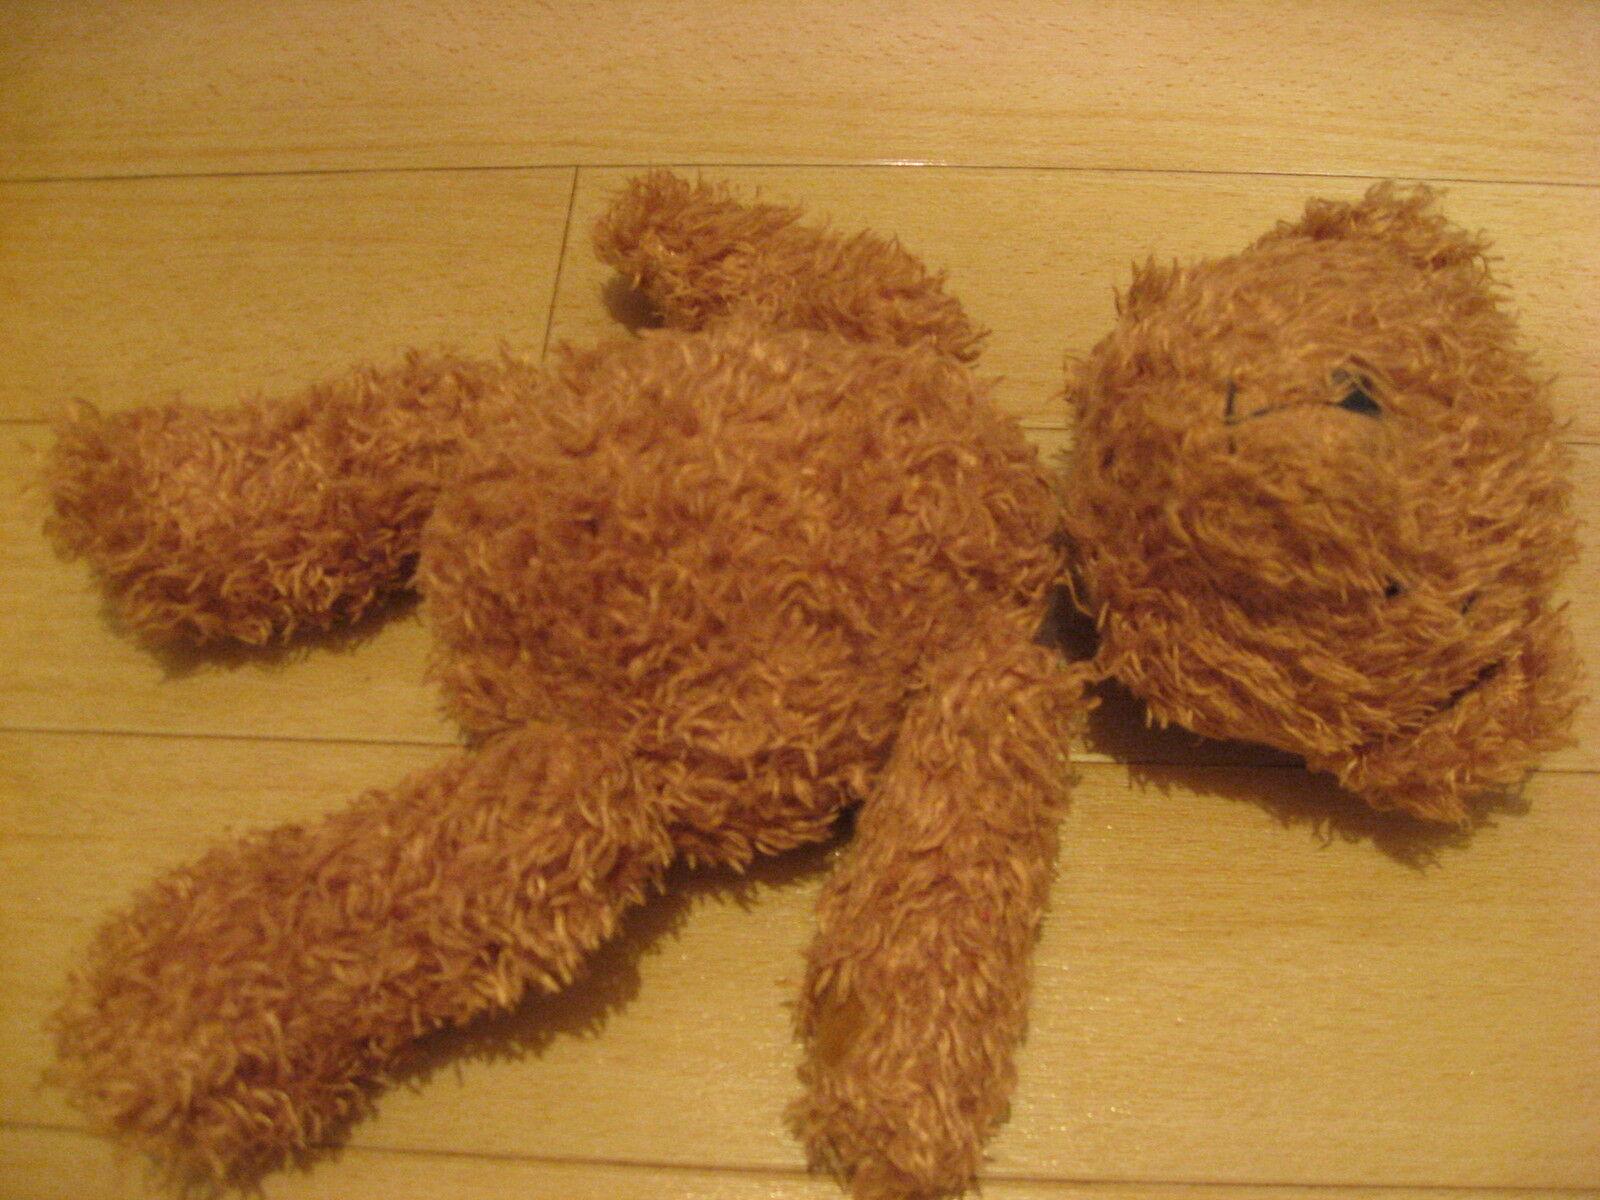 JELLY KITTEN  J191  APPROX 12 inch TEDDY BEAR with RATTLE INSIDE